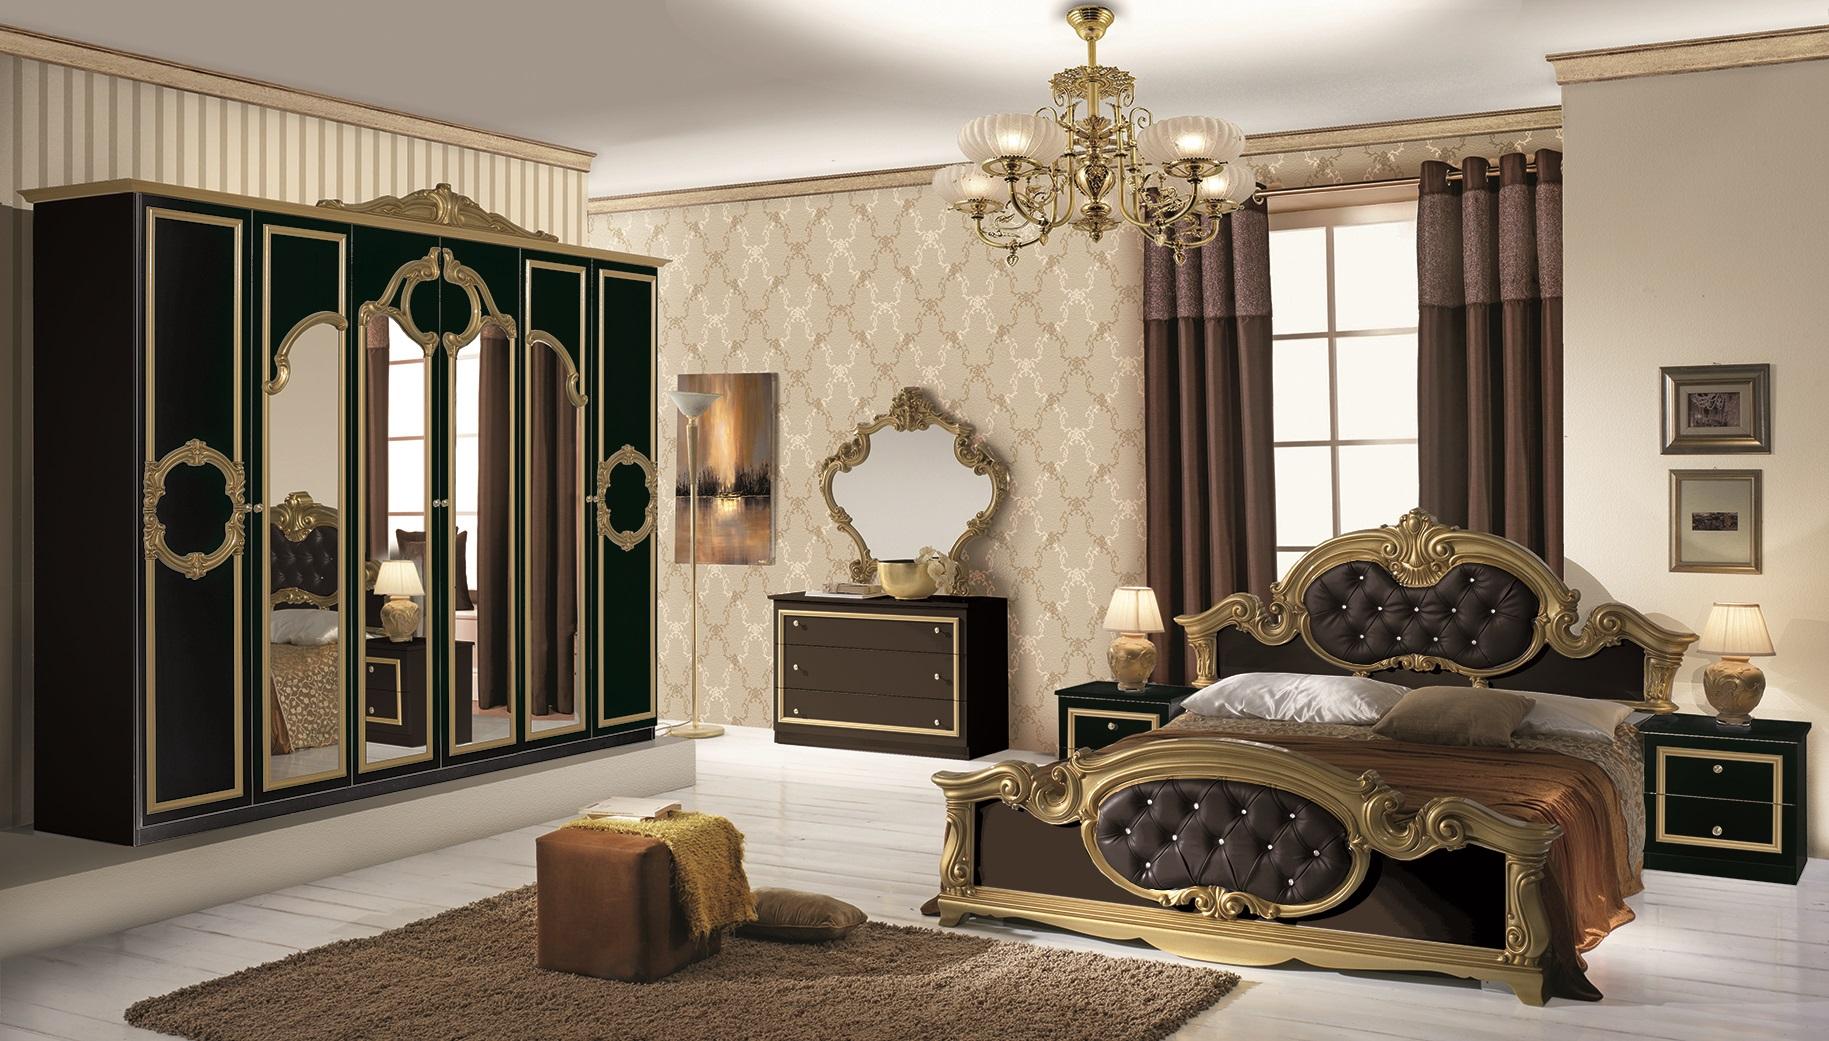 Schlafzimmer Barocco in weiss gold Klassik Barock-S-BAR-B160-6D-W